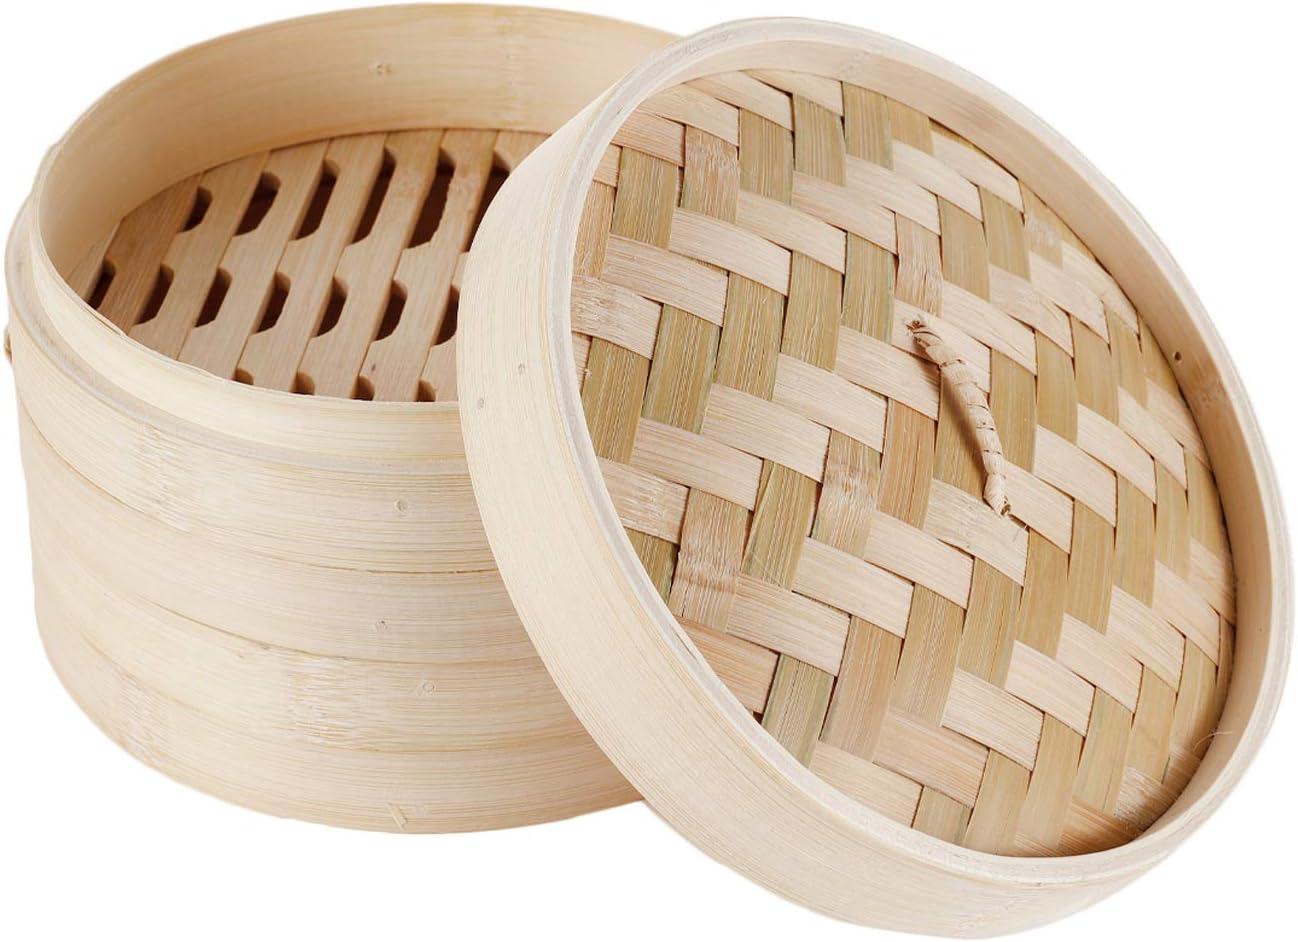 HANHAN Vaporera de bambú natural, cesta de cocción a vapor con 2 niveles con tapa, ideal para raviolis, verduras y tamaño sum (24 cm)